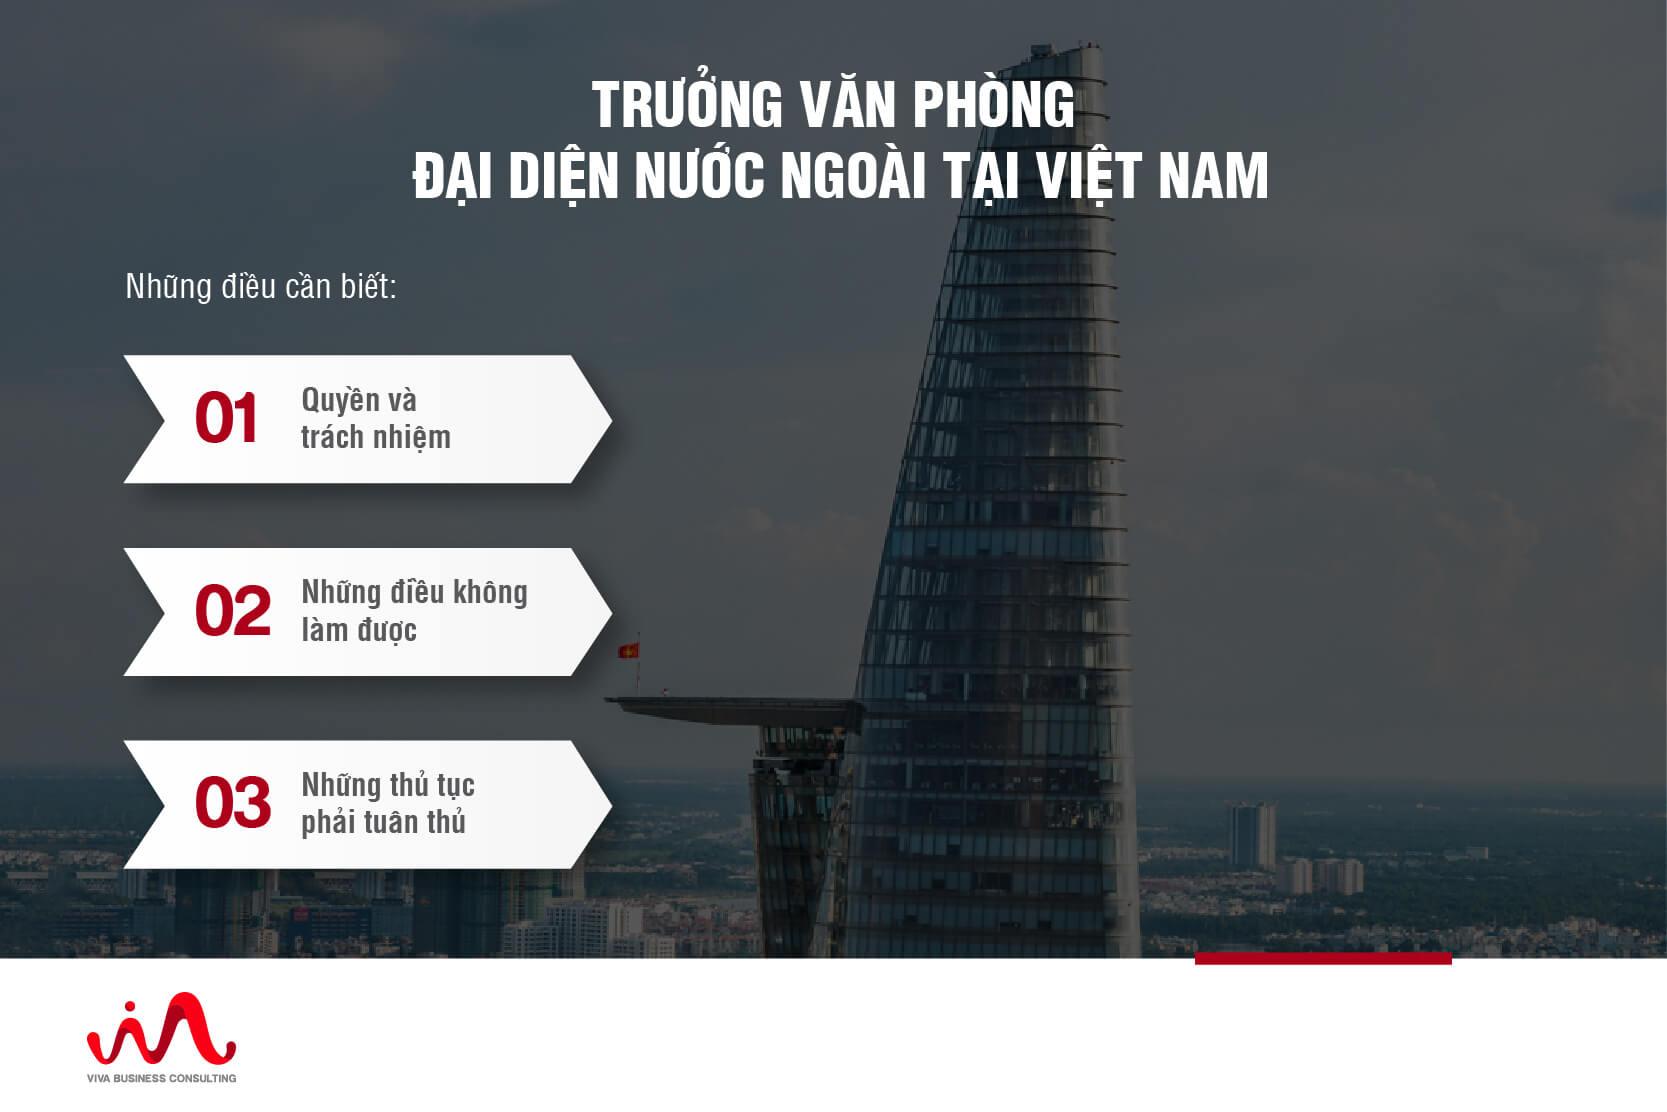 Trưởng Văn Phòng Đại Diện - Chi Nhánh Tại Việt Nam, Quyền Và Nghĩa Vụ Cơ Bản